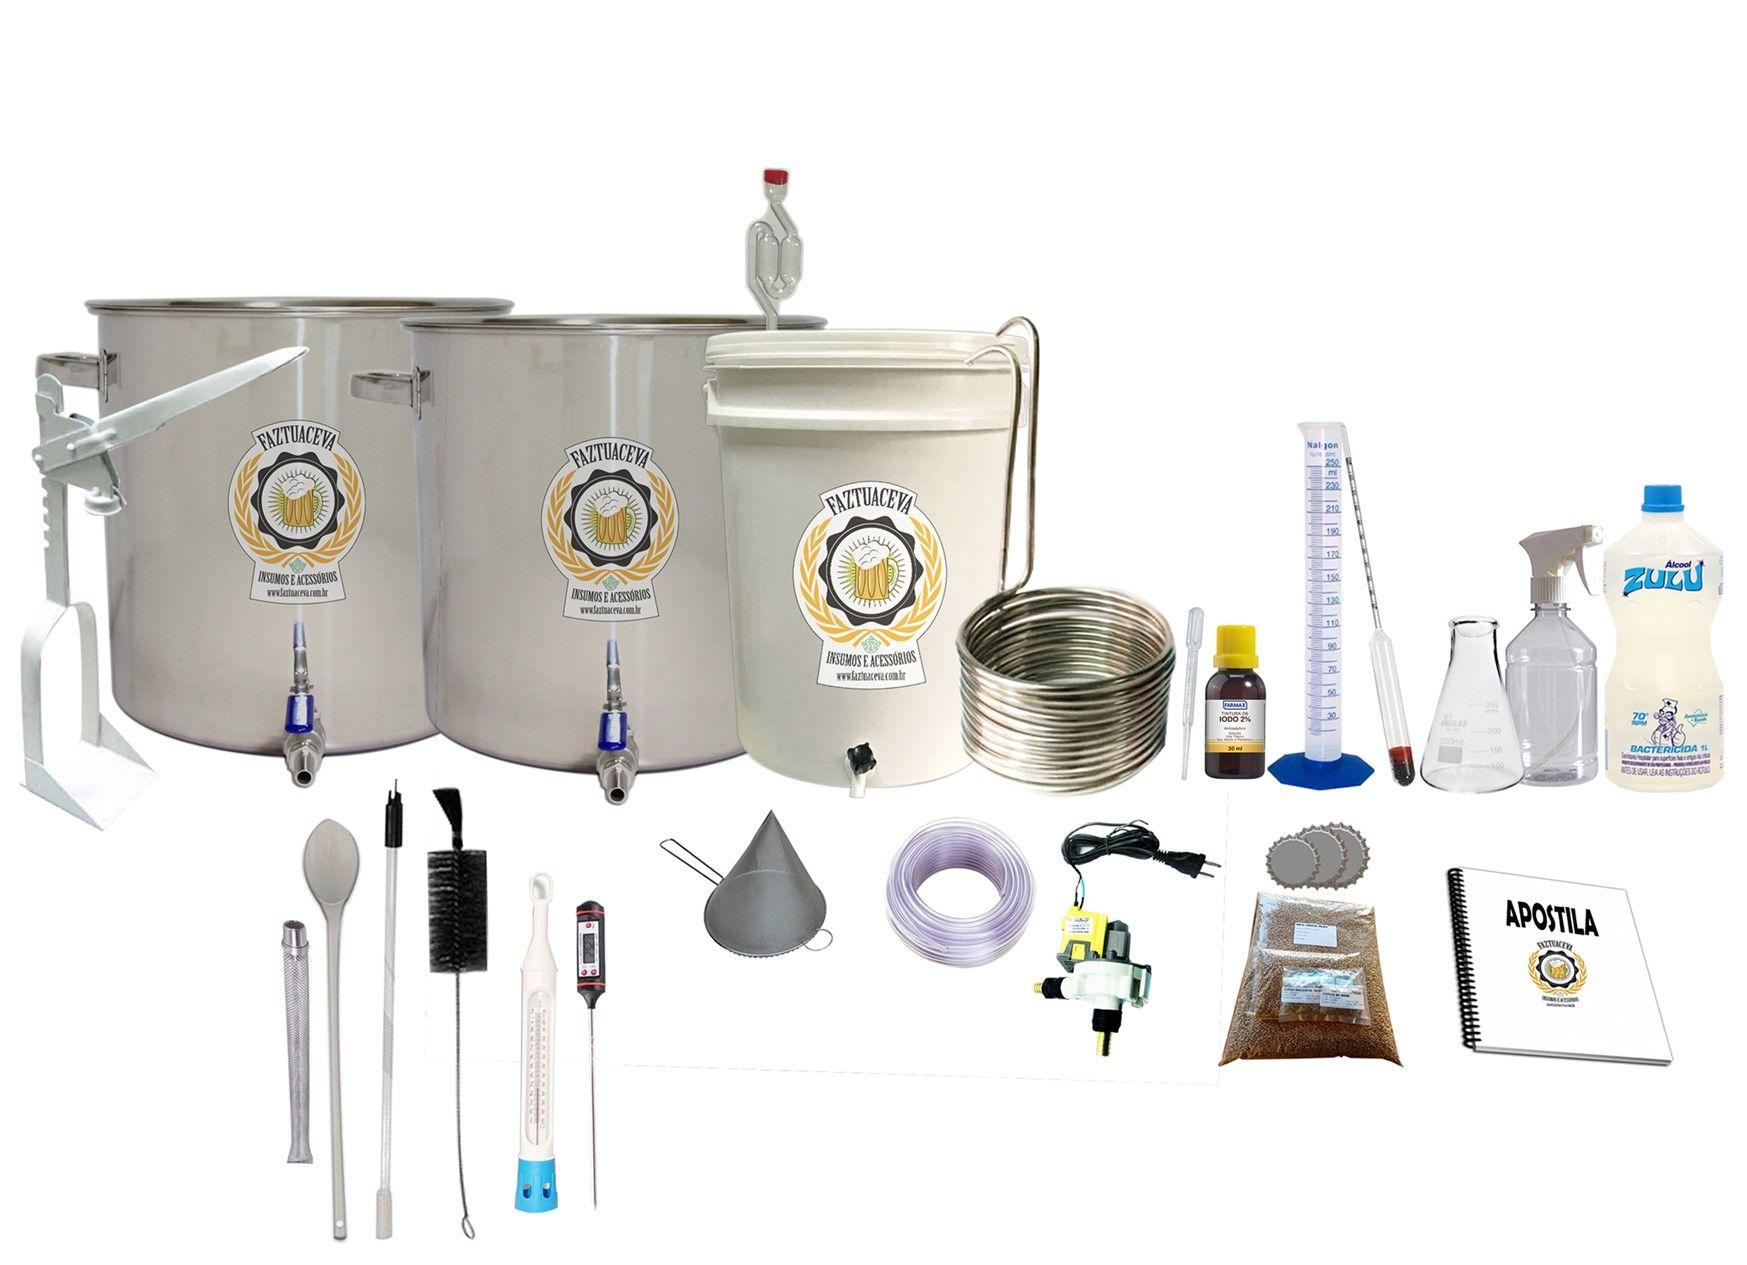 Kit Cervejeiro Inox Até 20L - Fabricação de Cerveja Artesanal